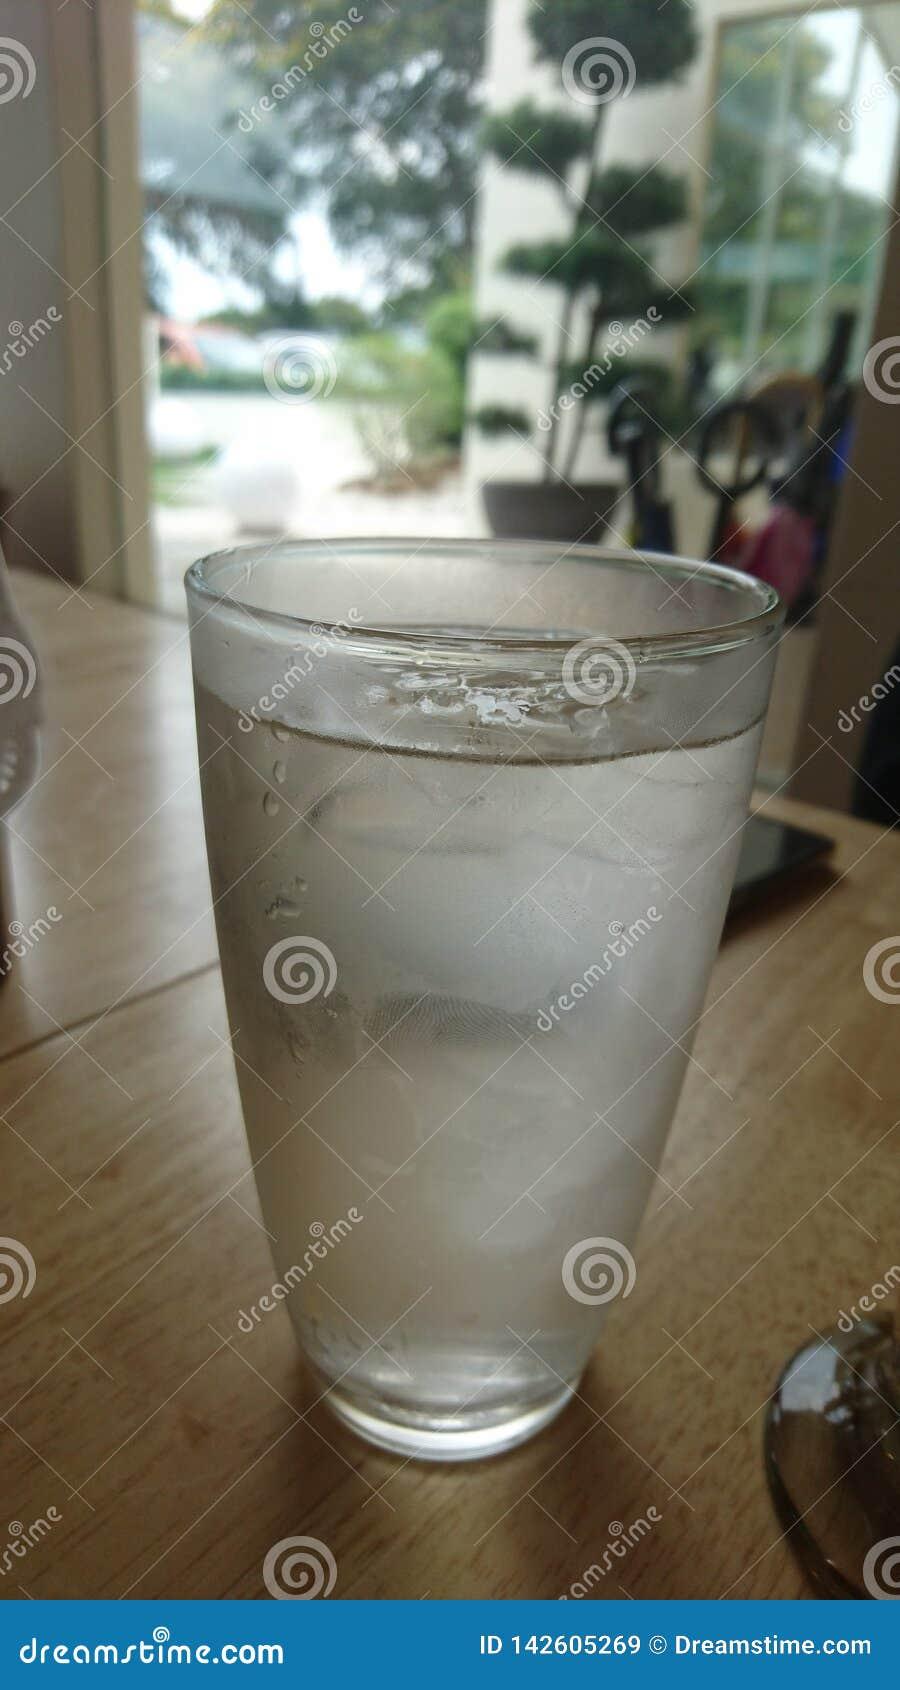 Eine Schale kaltes Wasser zu kühlen